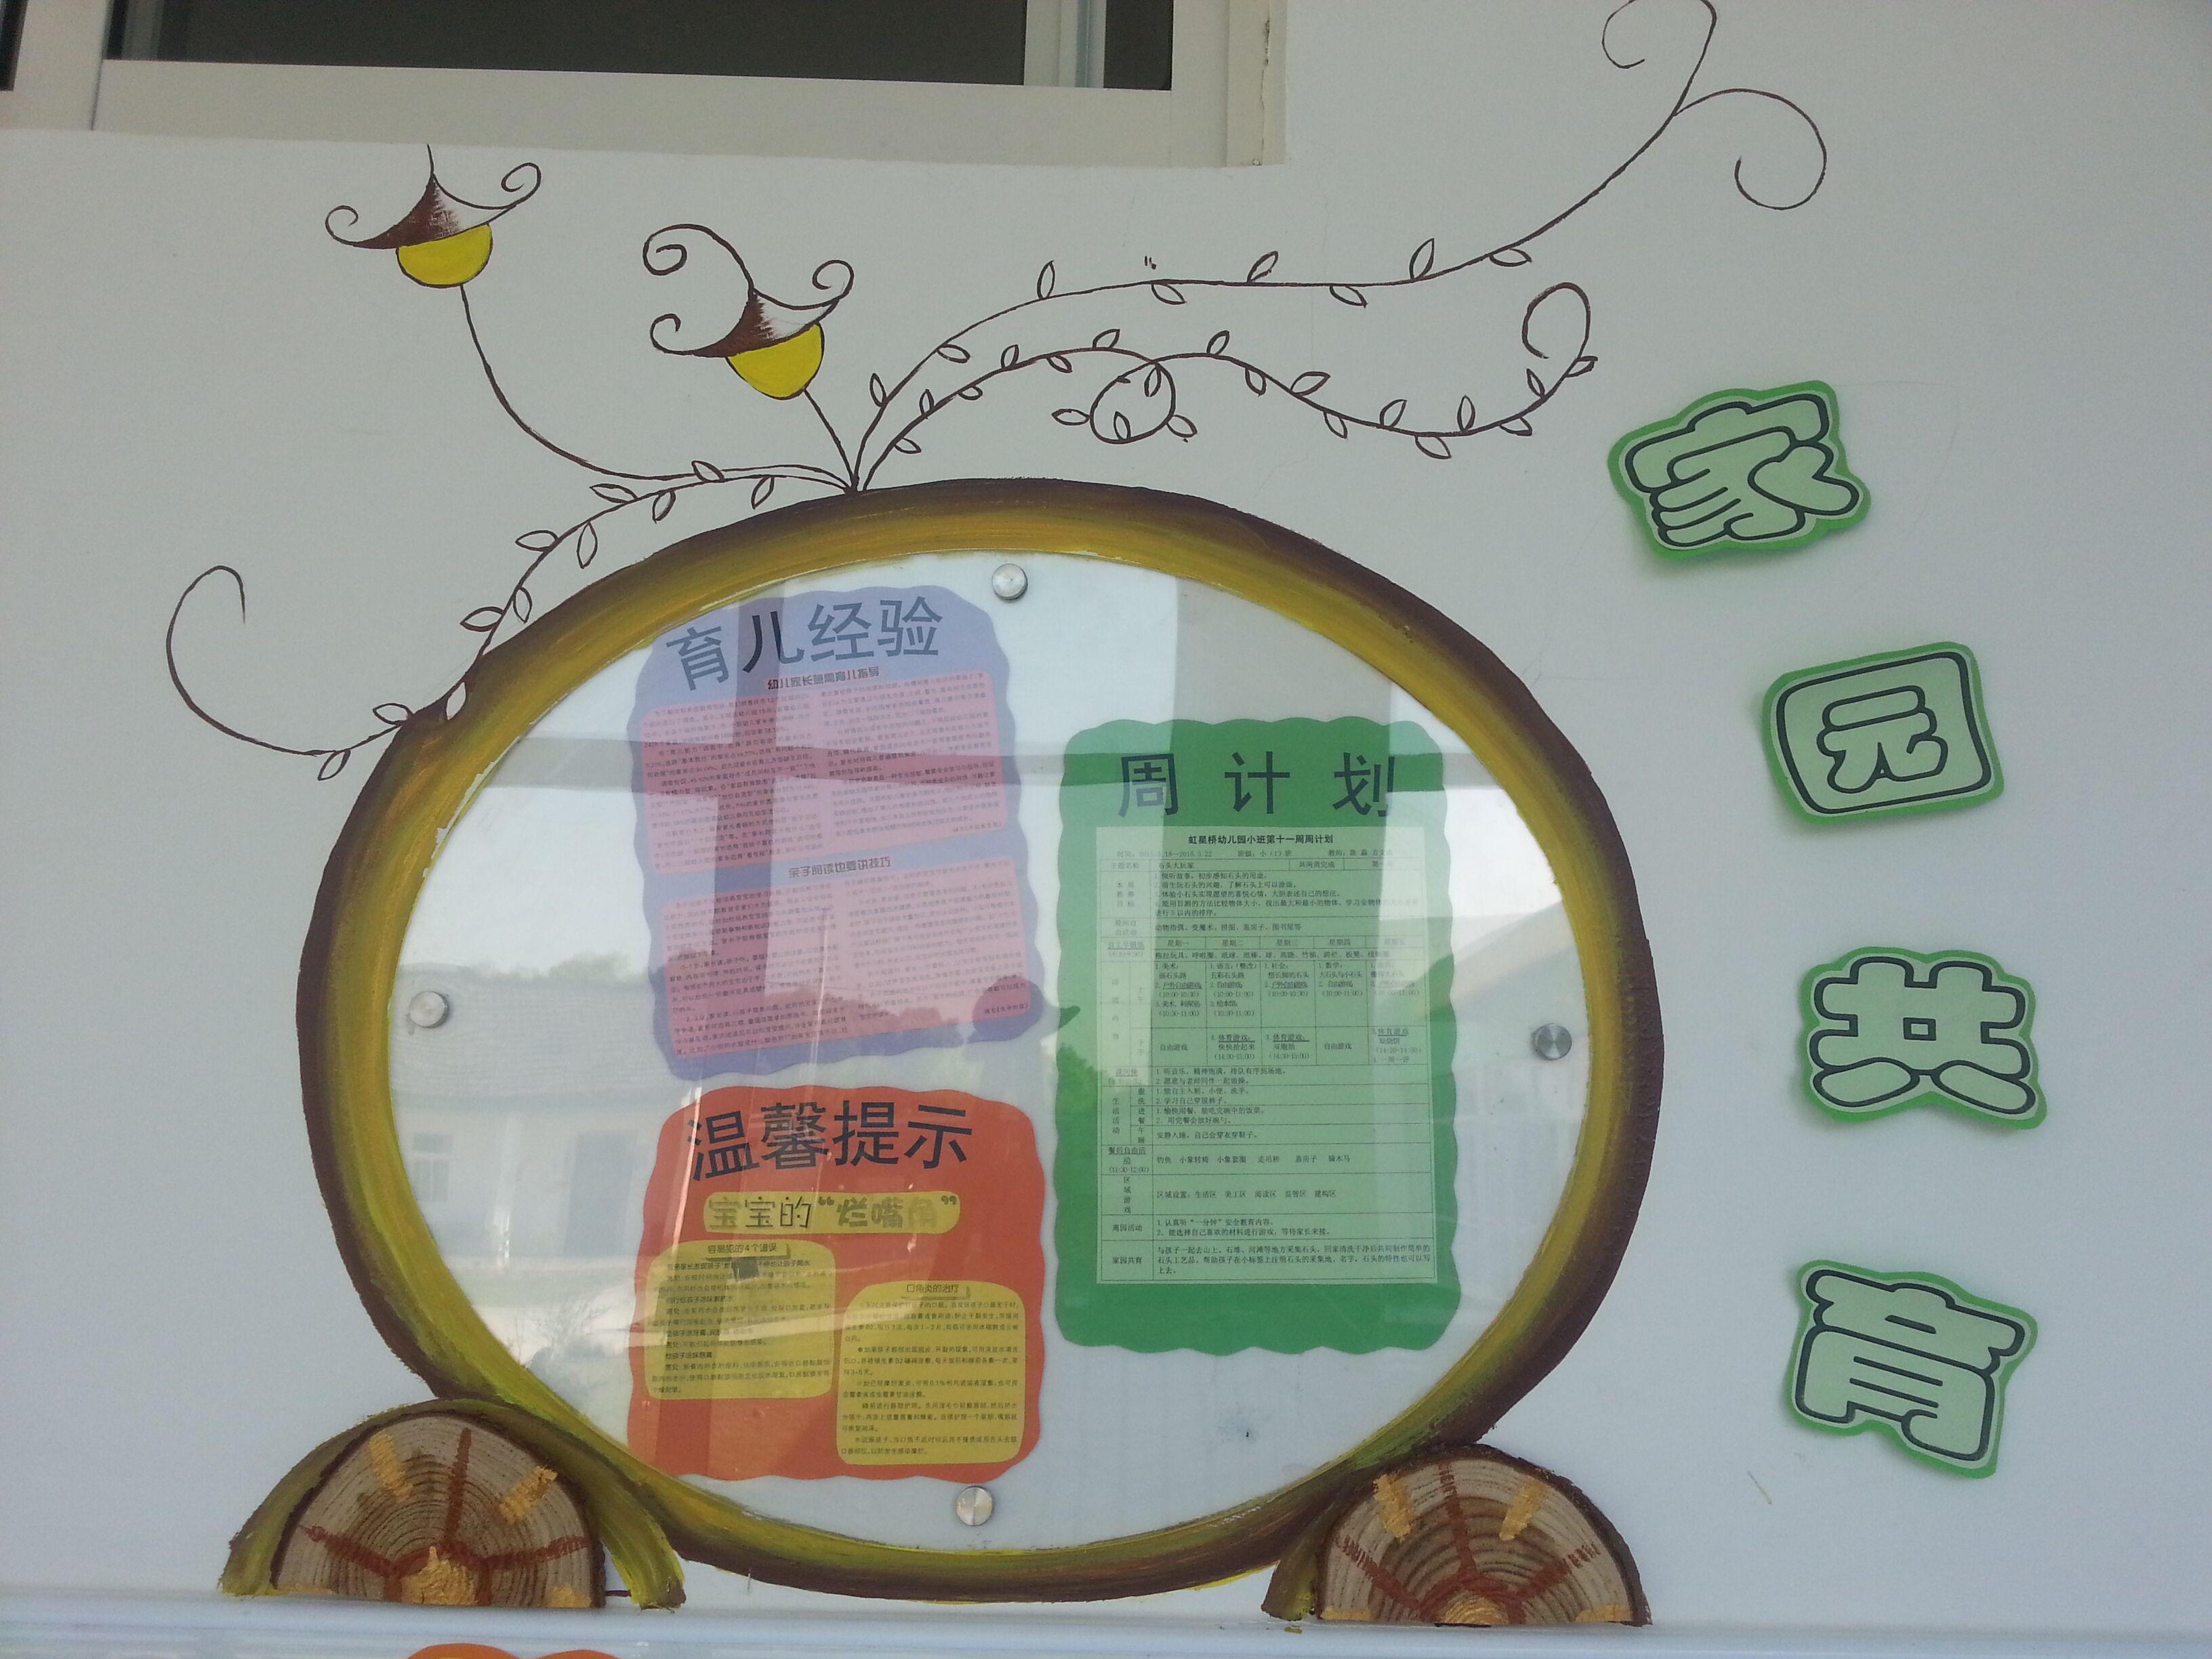 """各班老师都将家园联系栏分为好几个版块:""""周计划""""让家长了解幼儿园的"""